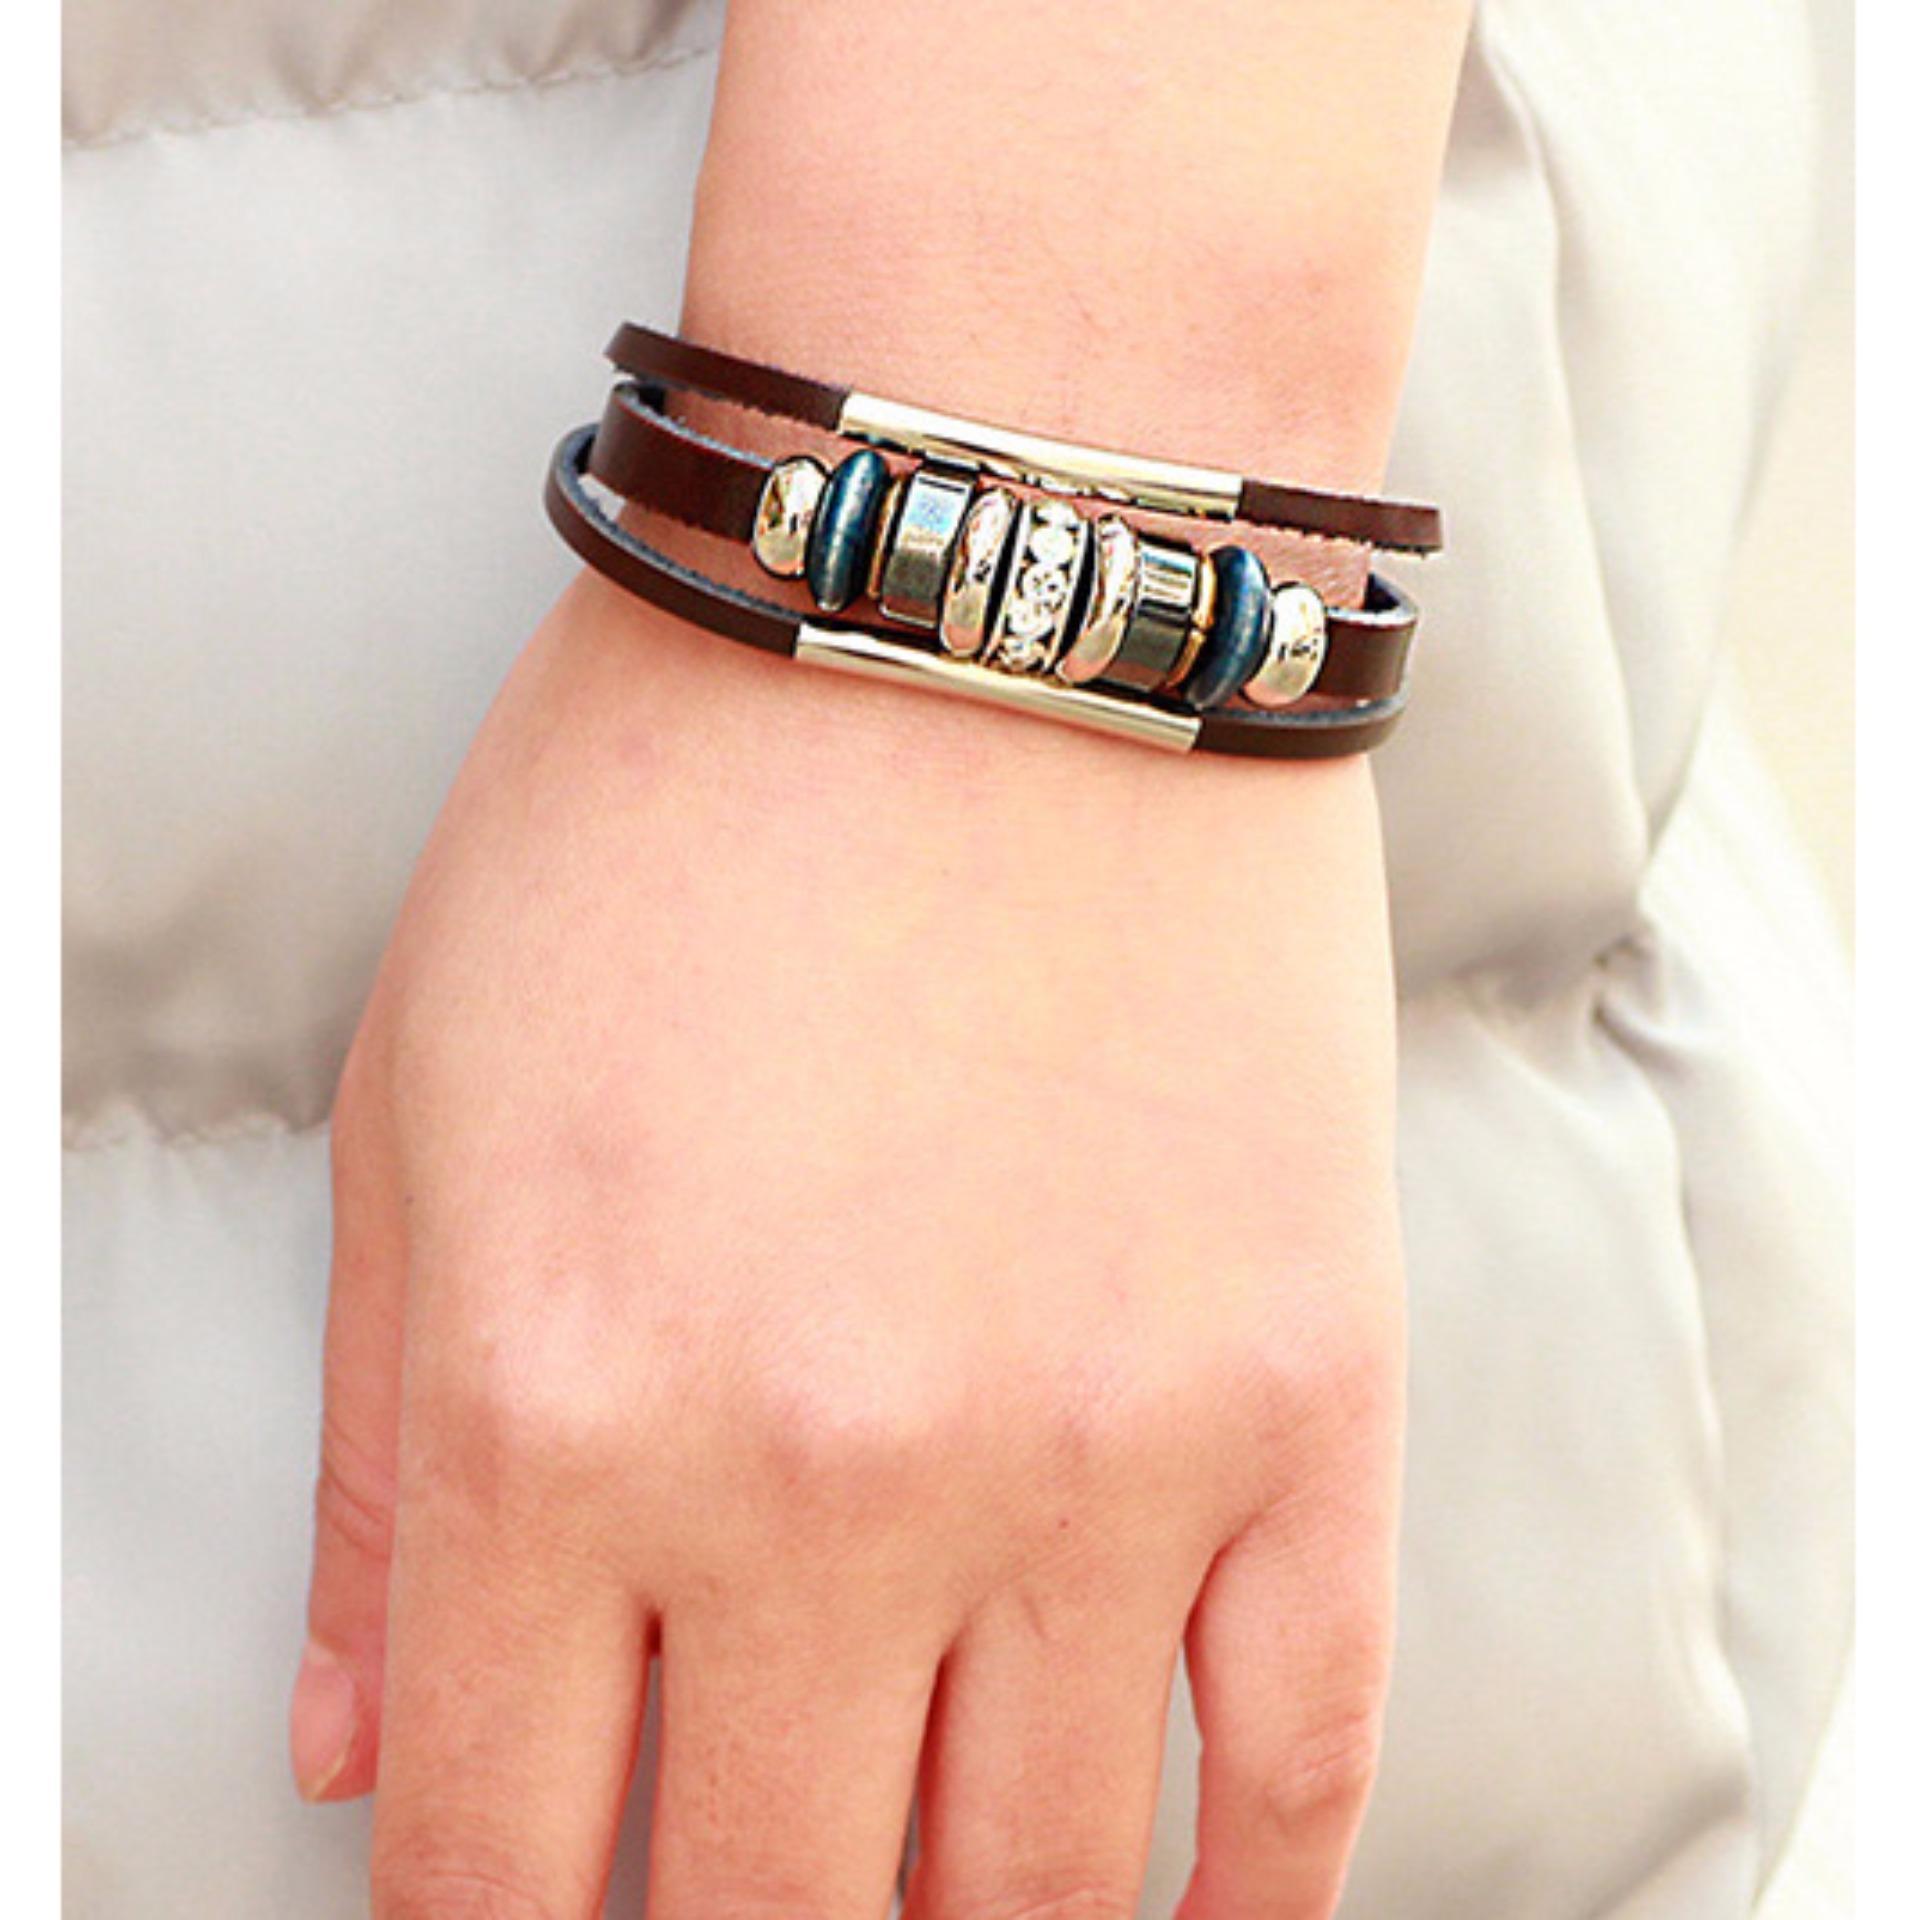 ... Black Sagittarius Pattern Decorated Source · Hot Deals LRC Gelang Tangan Pria Vintage Diamond Decorated Multi layer Bracelet terbaik murah